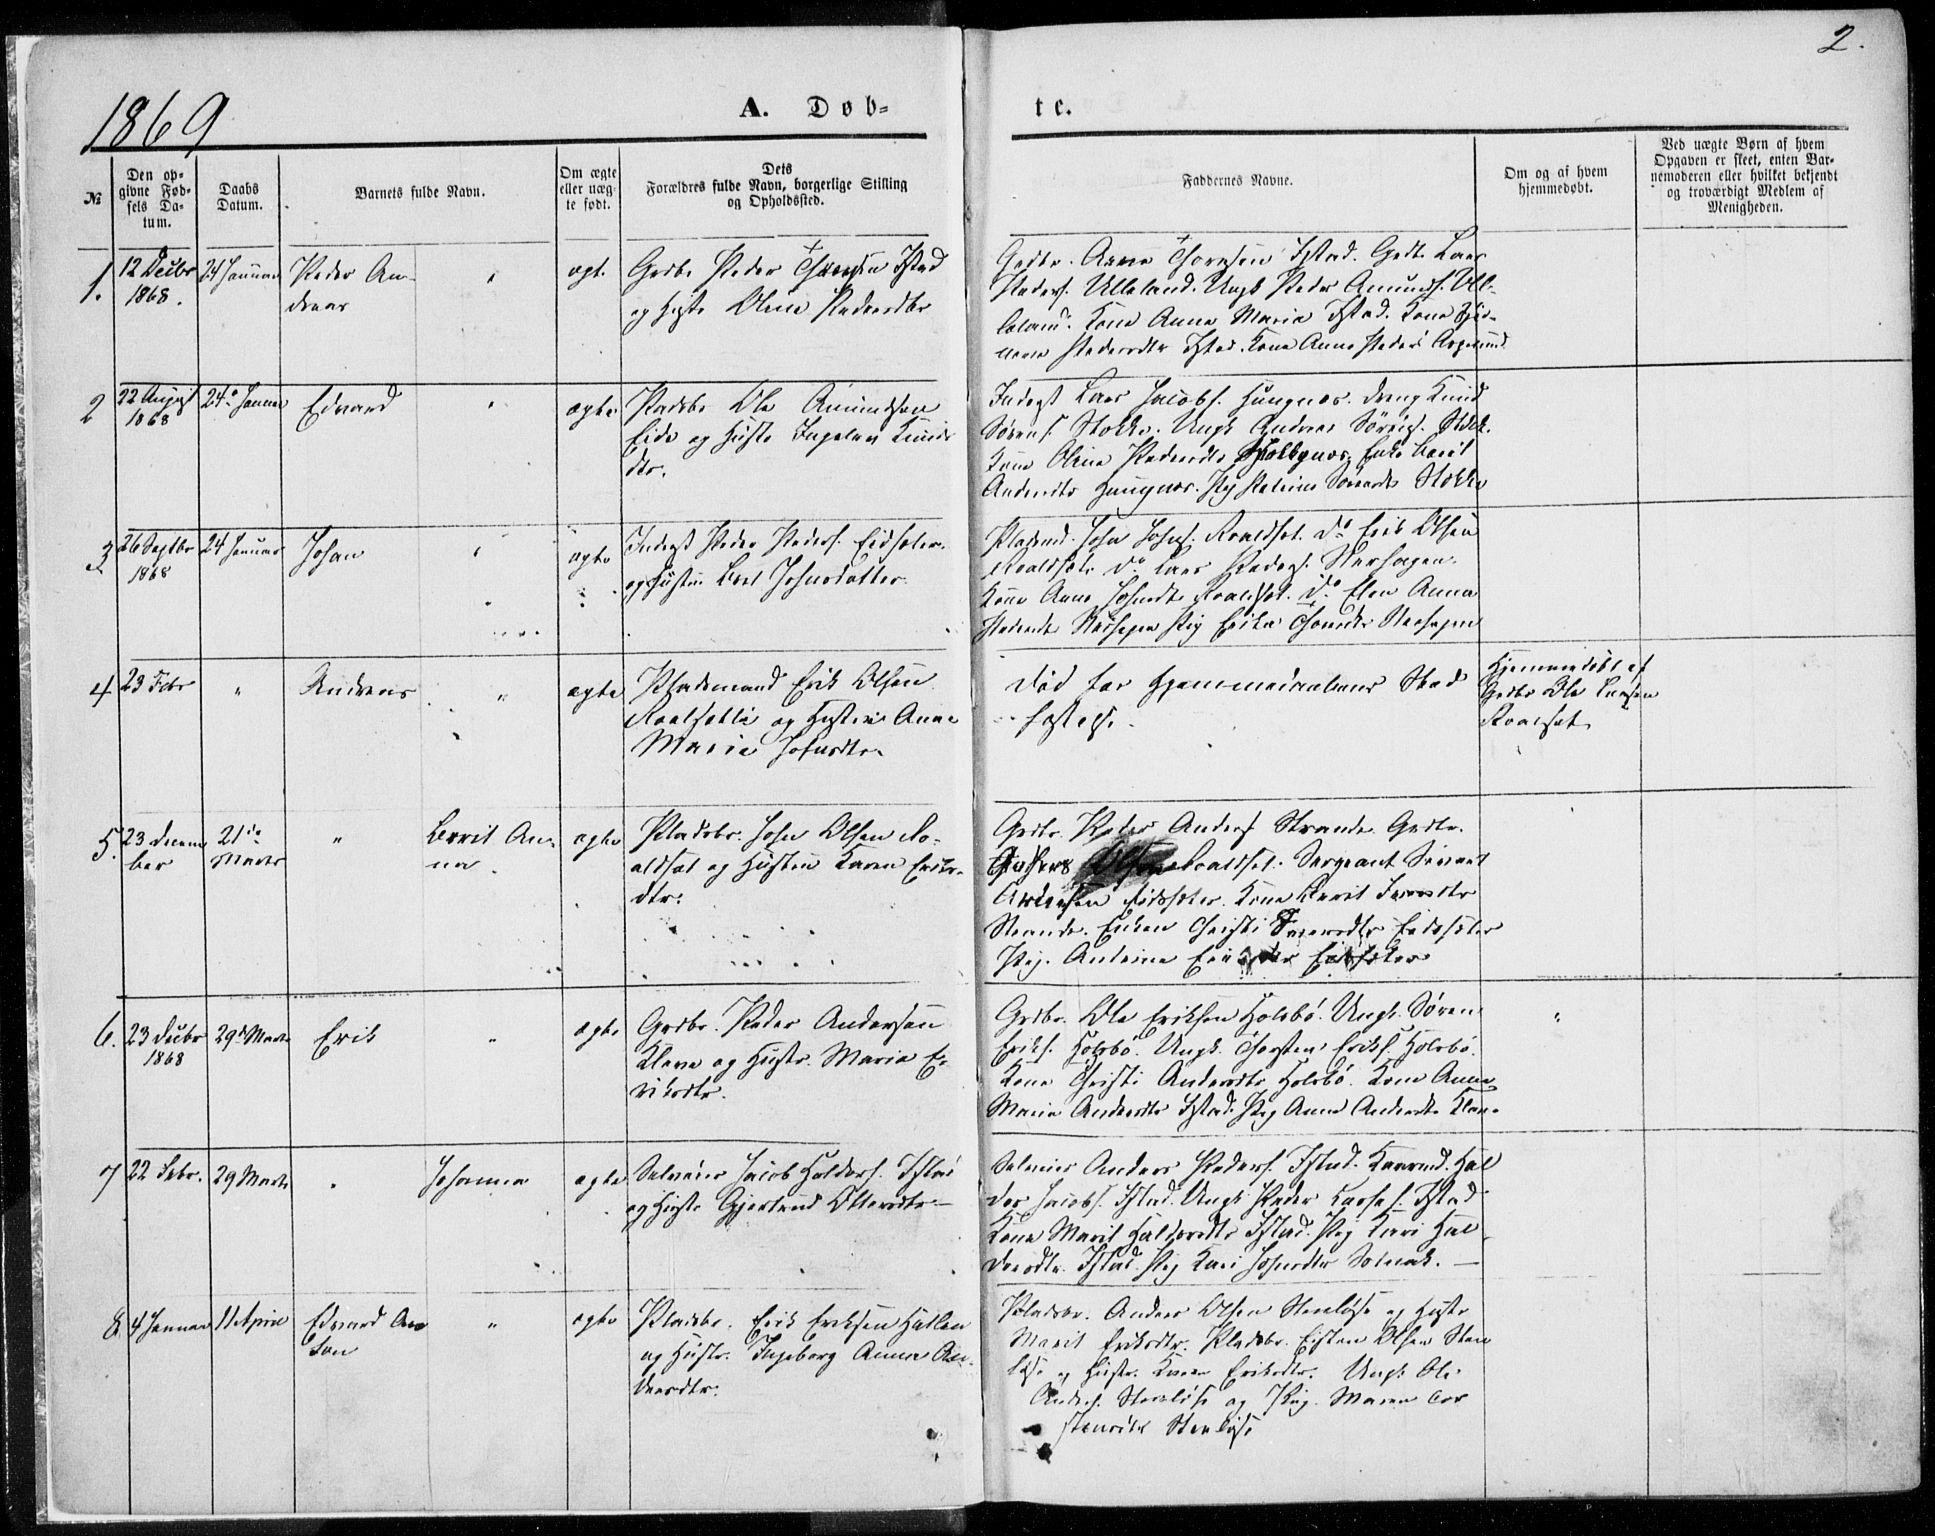 SAT, Ministerialprotokoller, klokkerbøker og fødselsregistre - Møre og Romsdal, 557/L0681: Parish register (official) no. 557A03, 1869-1886, p. 2